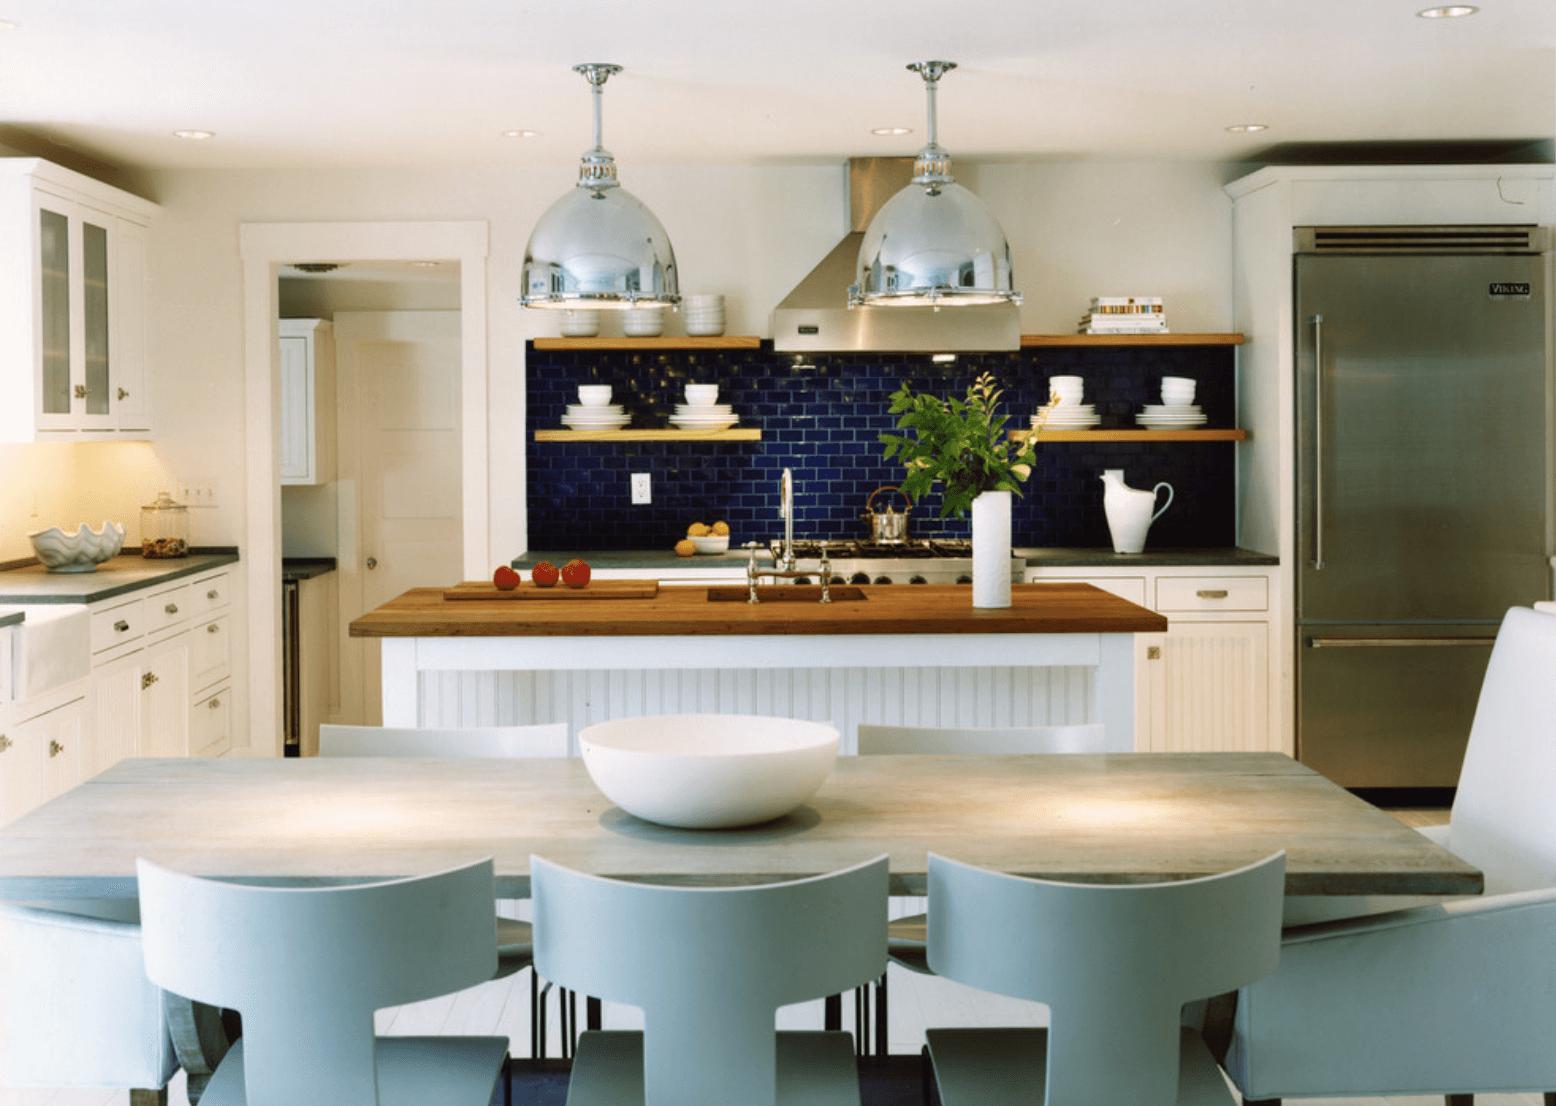 Дизайн кухни в оттенках серого цвета. Фото 8